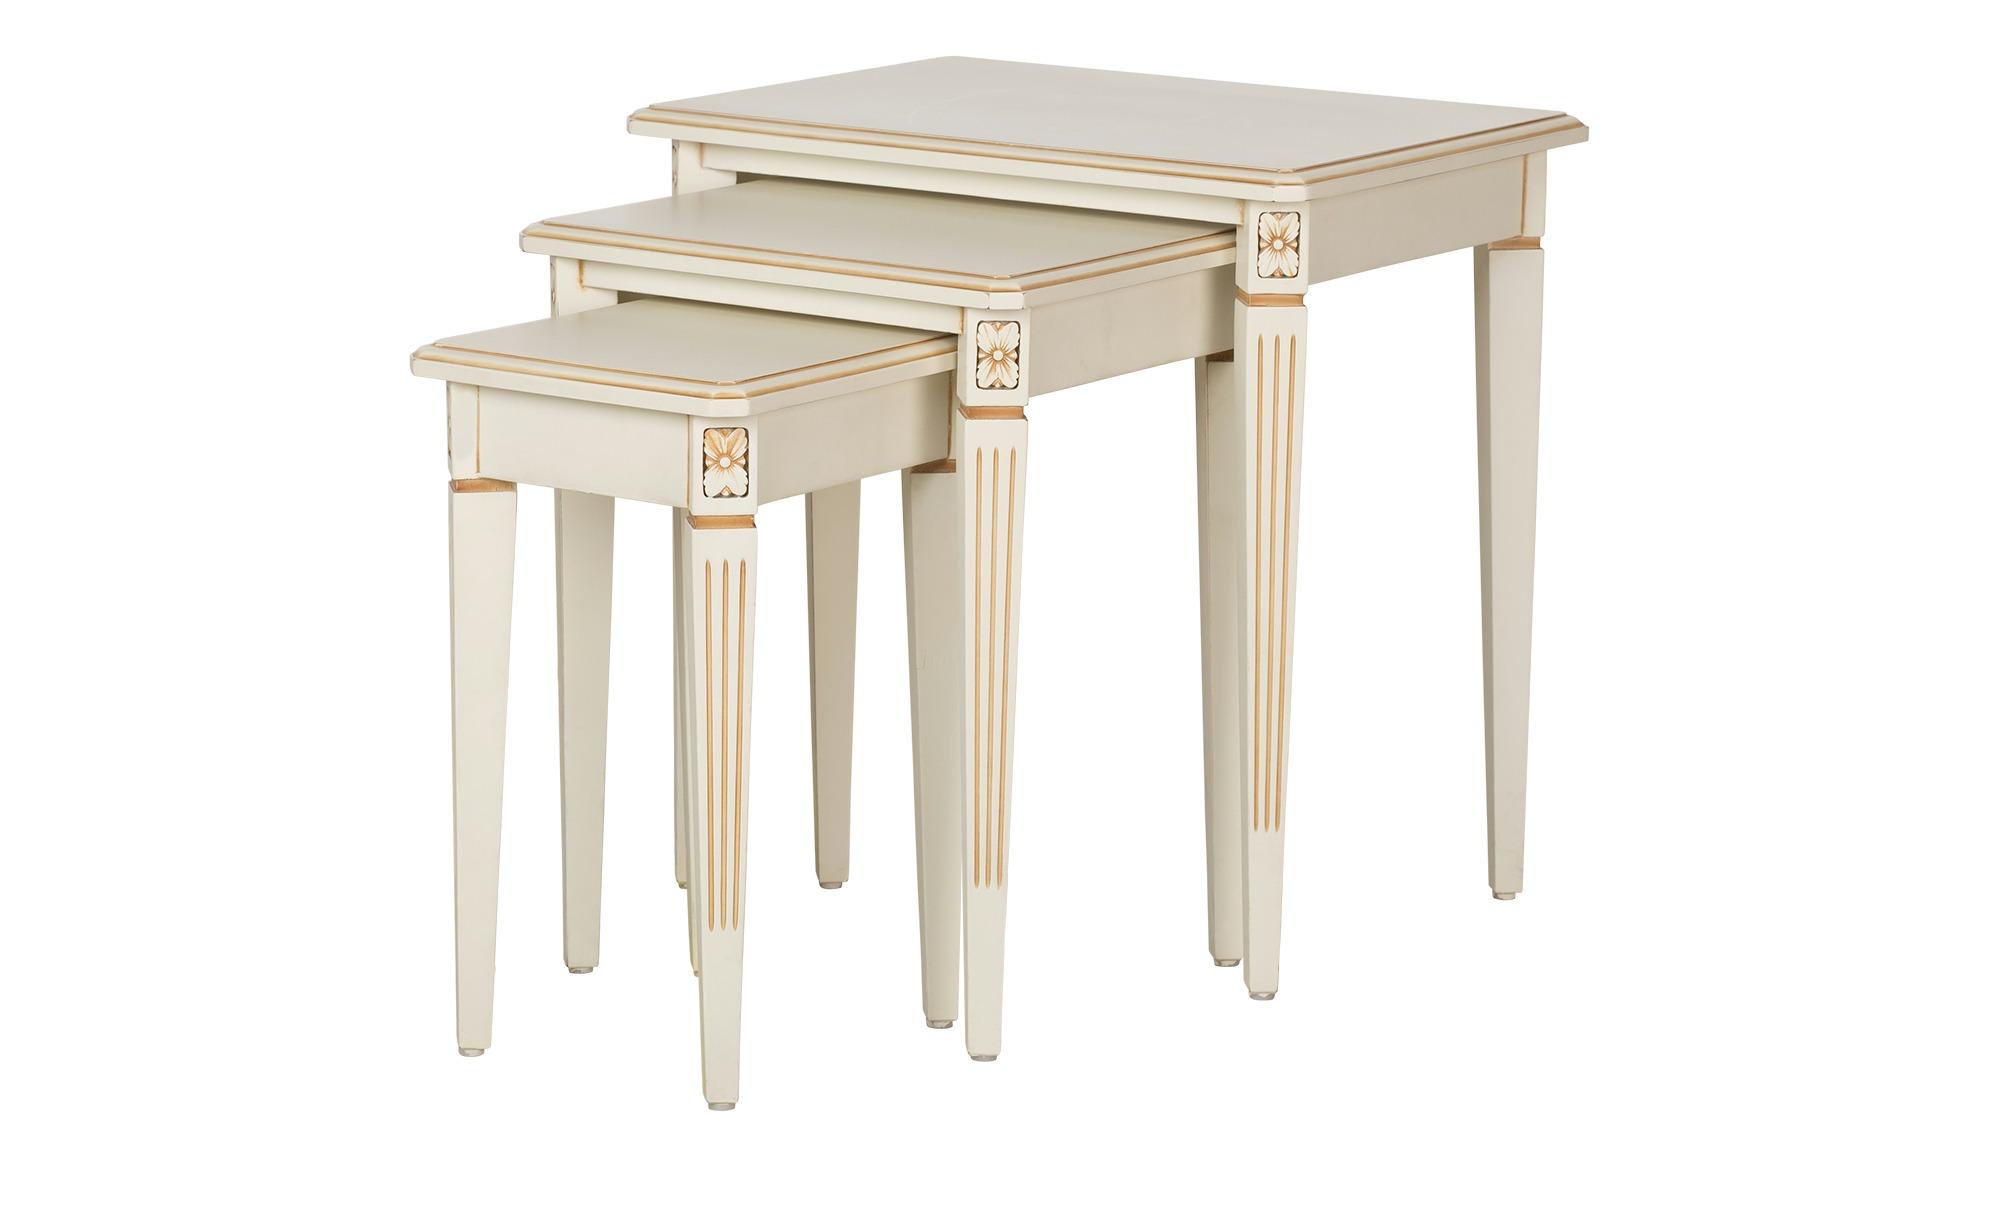 Dreisatztisch weiß Antik-Optik - weiß - 37 cm - 52 cm - 37 cm - Tische > Beistelltische - Möbel Kraft | Wohnzimmer > Tische > Satztische & Sets | Sconto